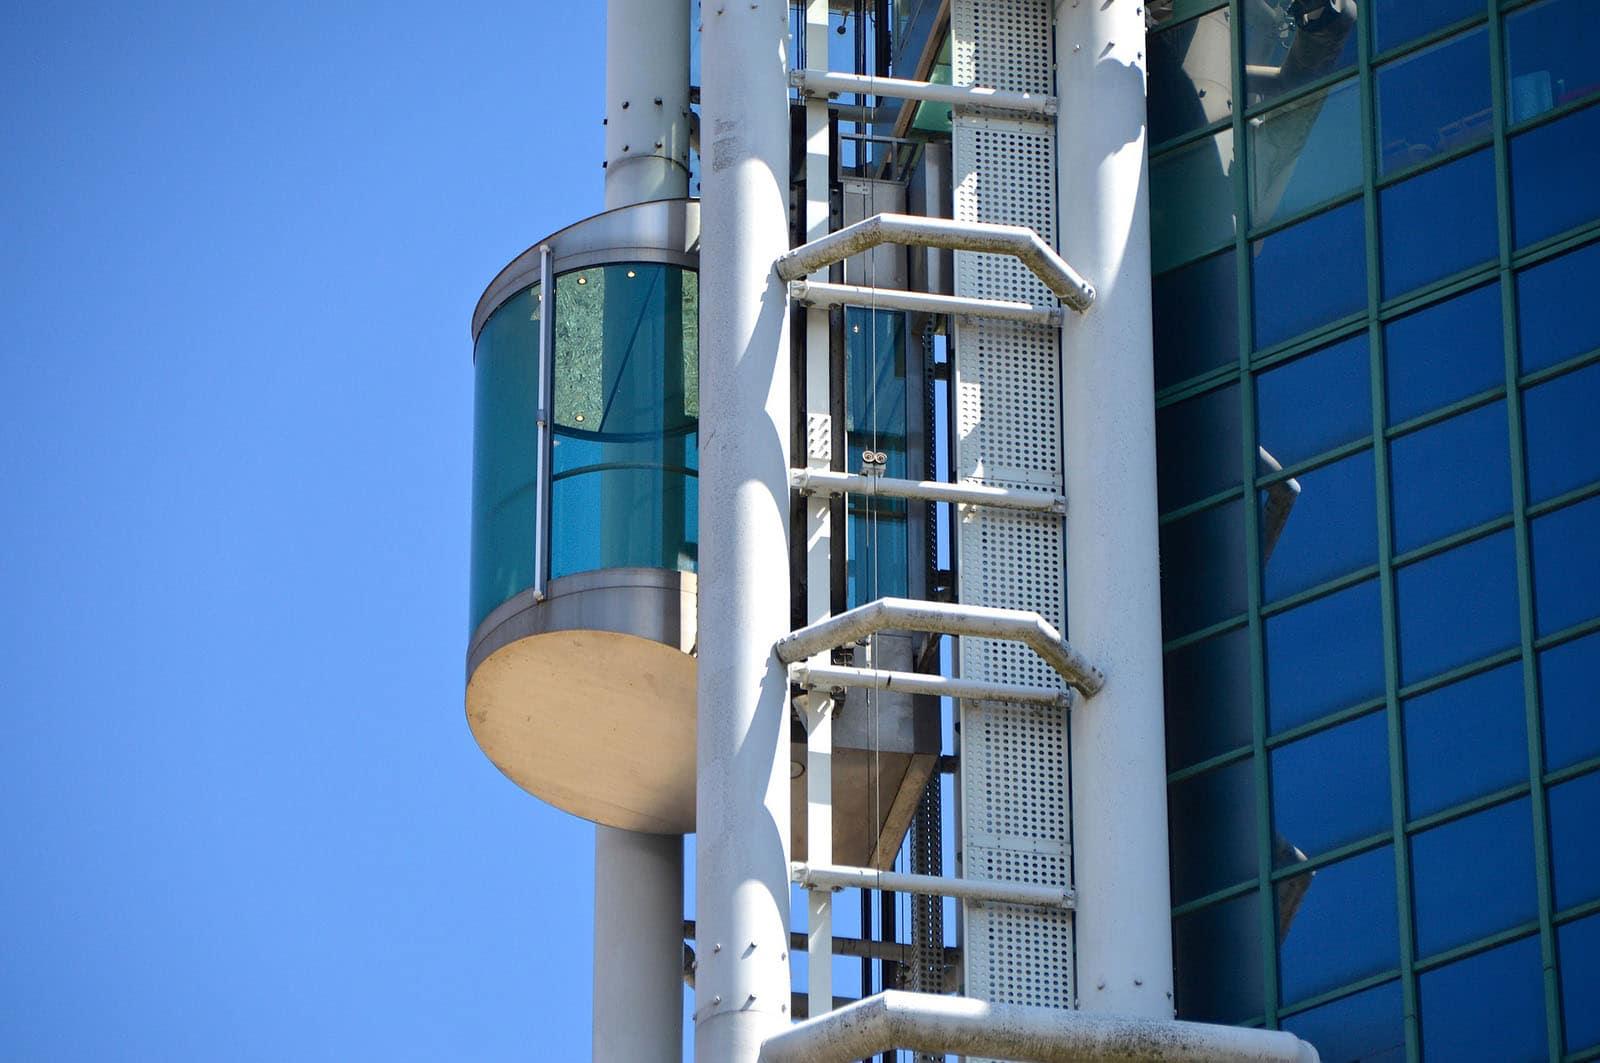 Ascensores Manelso realiza la instalación, reparación y mantenimiento en Almenara